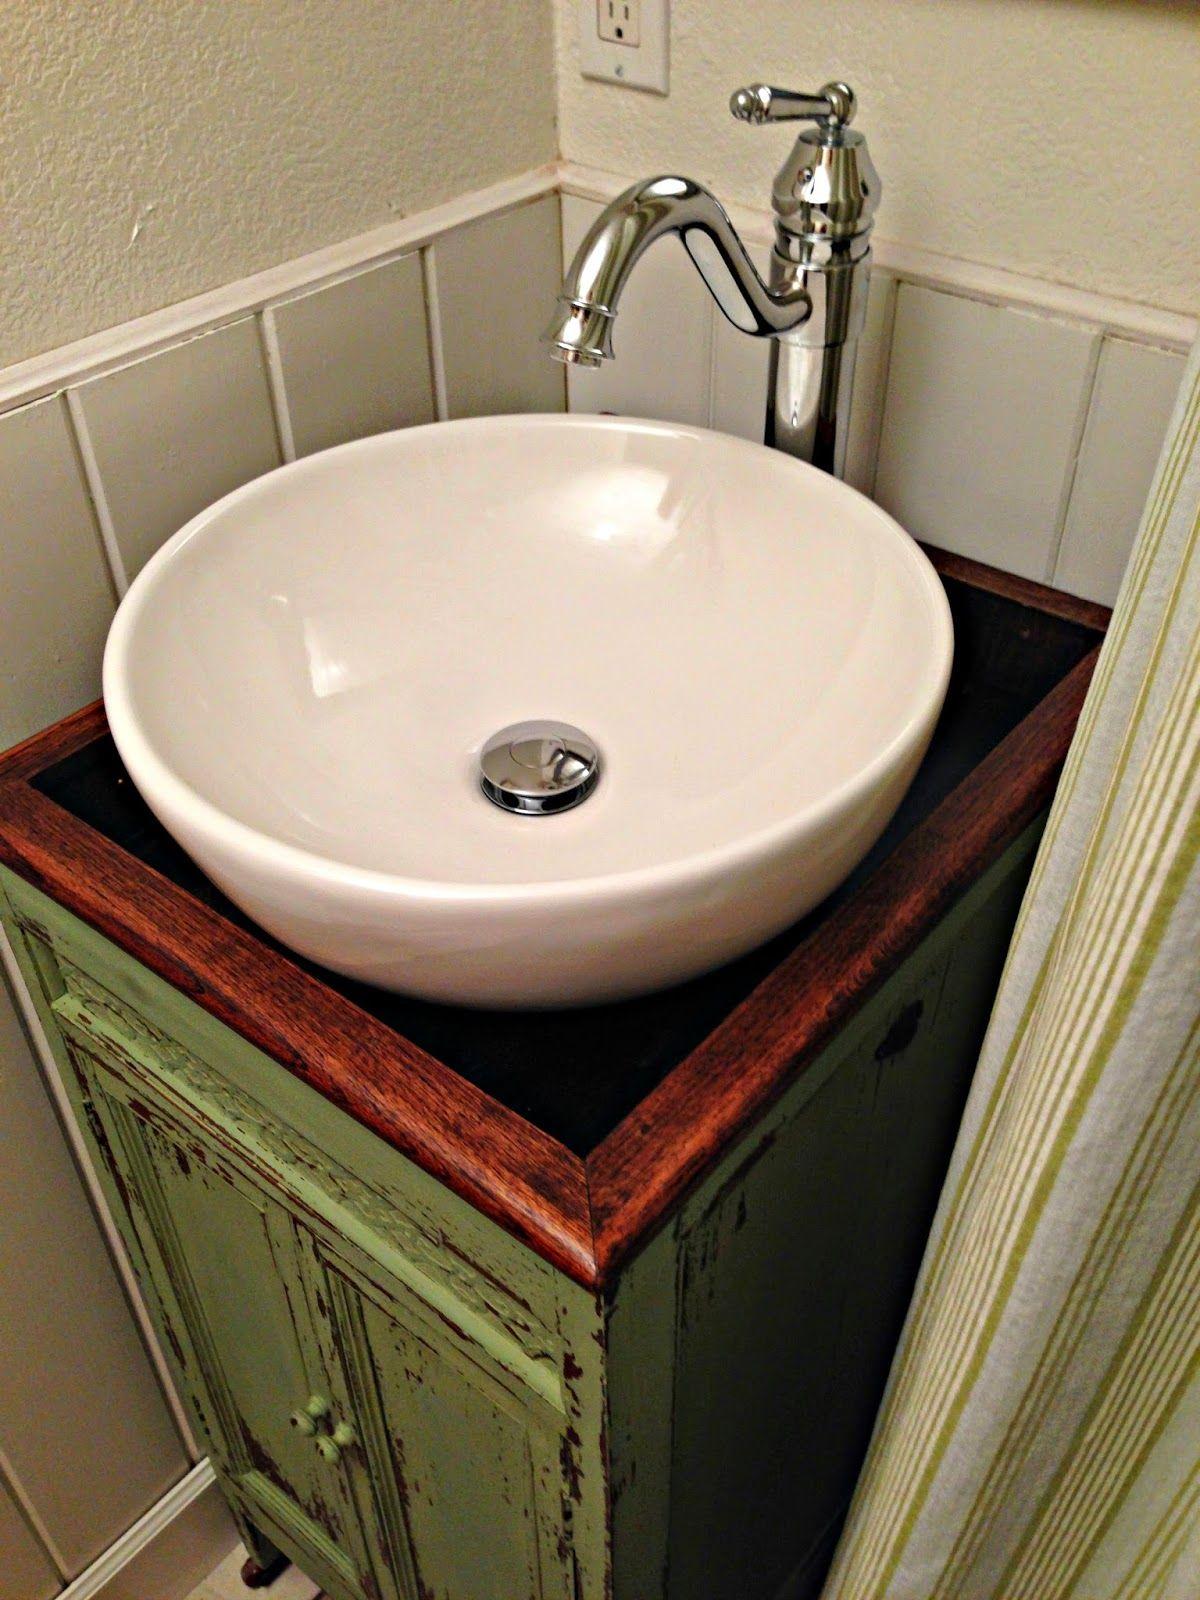 Bathroom Vessel Vanity Cabinets on bathroom vanities and cabinets, bathroom vessel faucets, bathroom vessel shelves, bathroom vessel countertops, bathroom vessel sinks and vanities, bathroom vanities with vessel bowls, bathroom sink cabinets, bathroom with vessel sinks counters, bathroom vanities product, bathroom vessel glass,